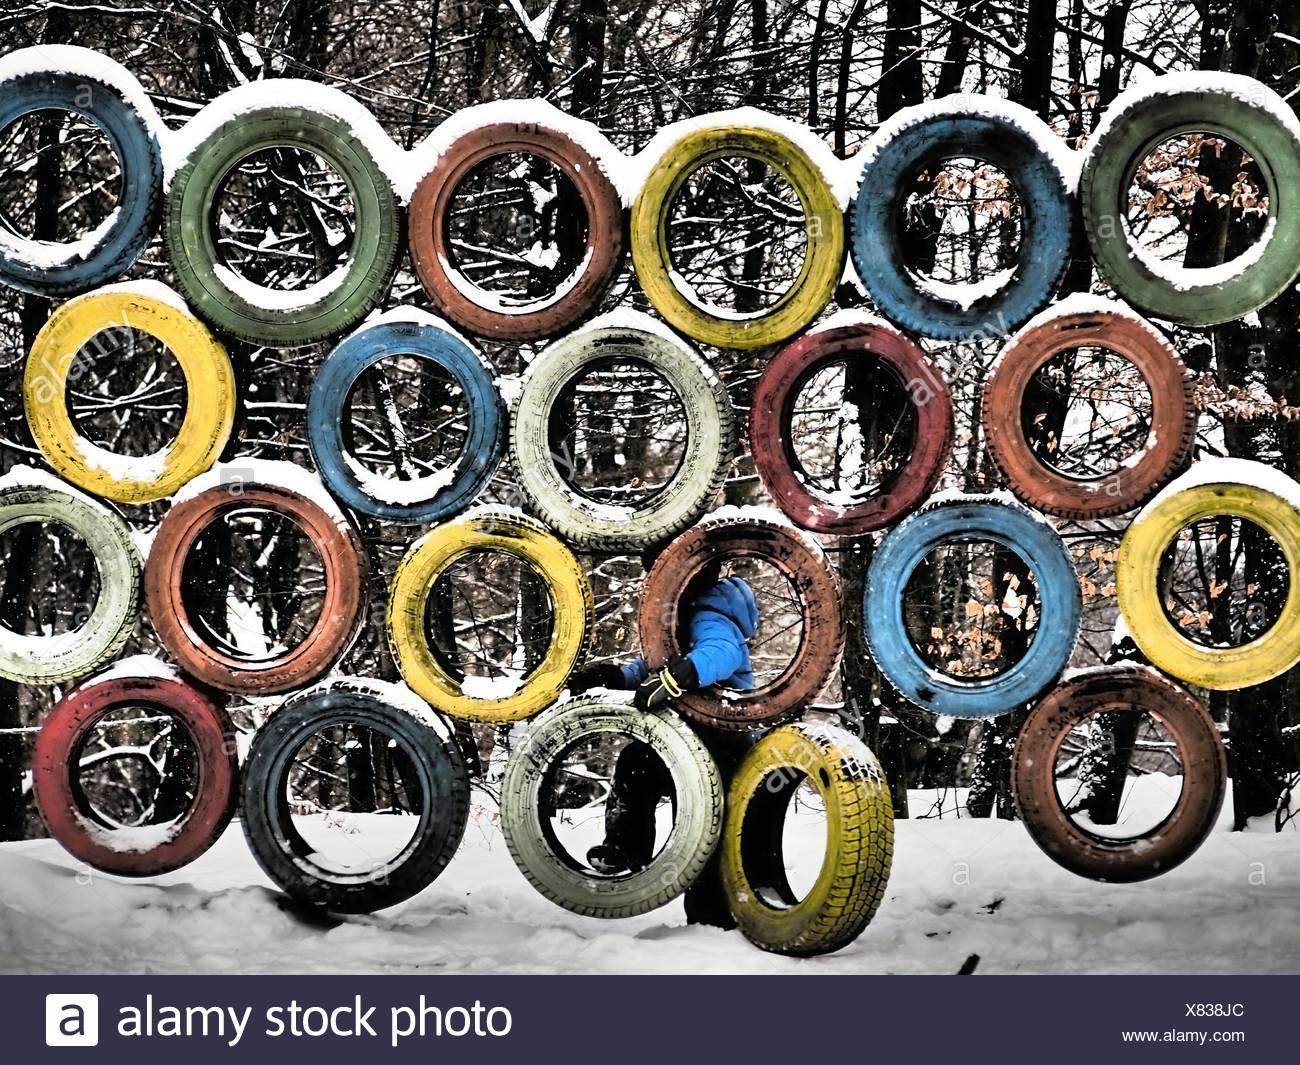 Klettergerüst Reifen : Junge klettern auf reifen im jungle gym winter stockfoto bild